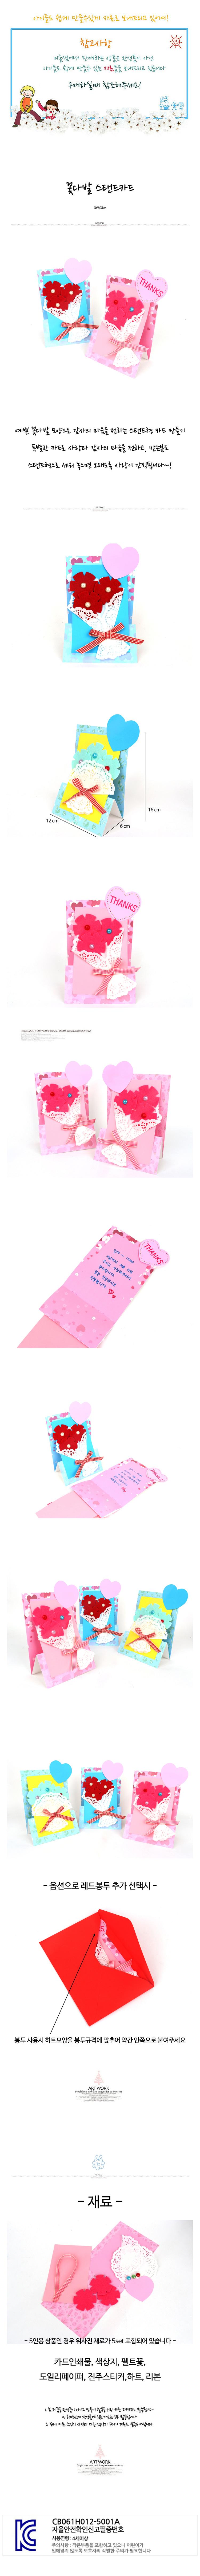 꽃다발 스탠드 카드 5인용 (카드만) - 미술샘, 7,500원, 종이공예/북아트, 종이공예 패키지